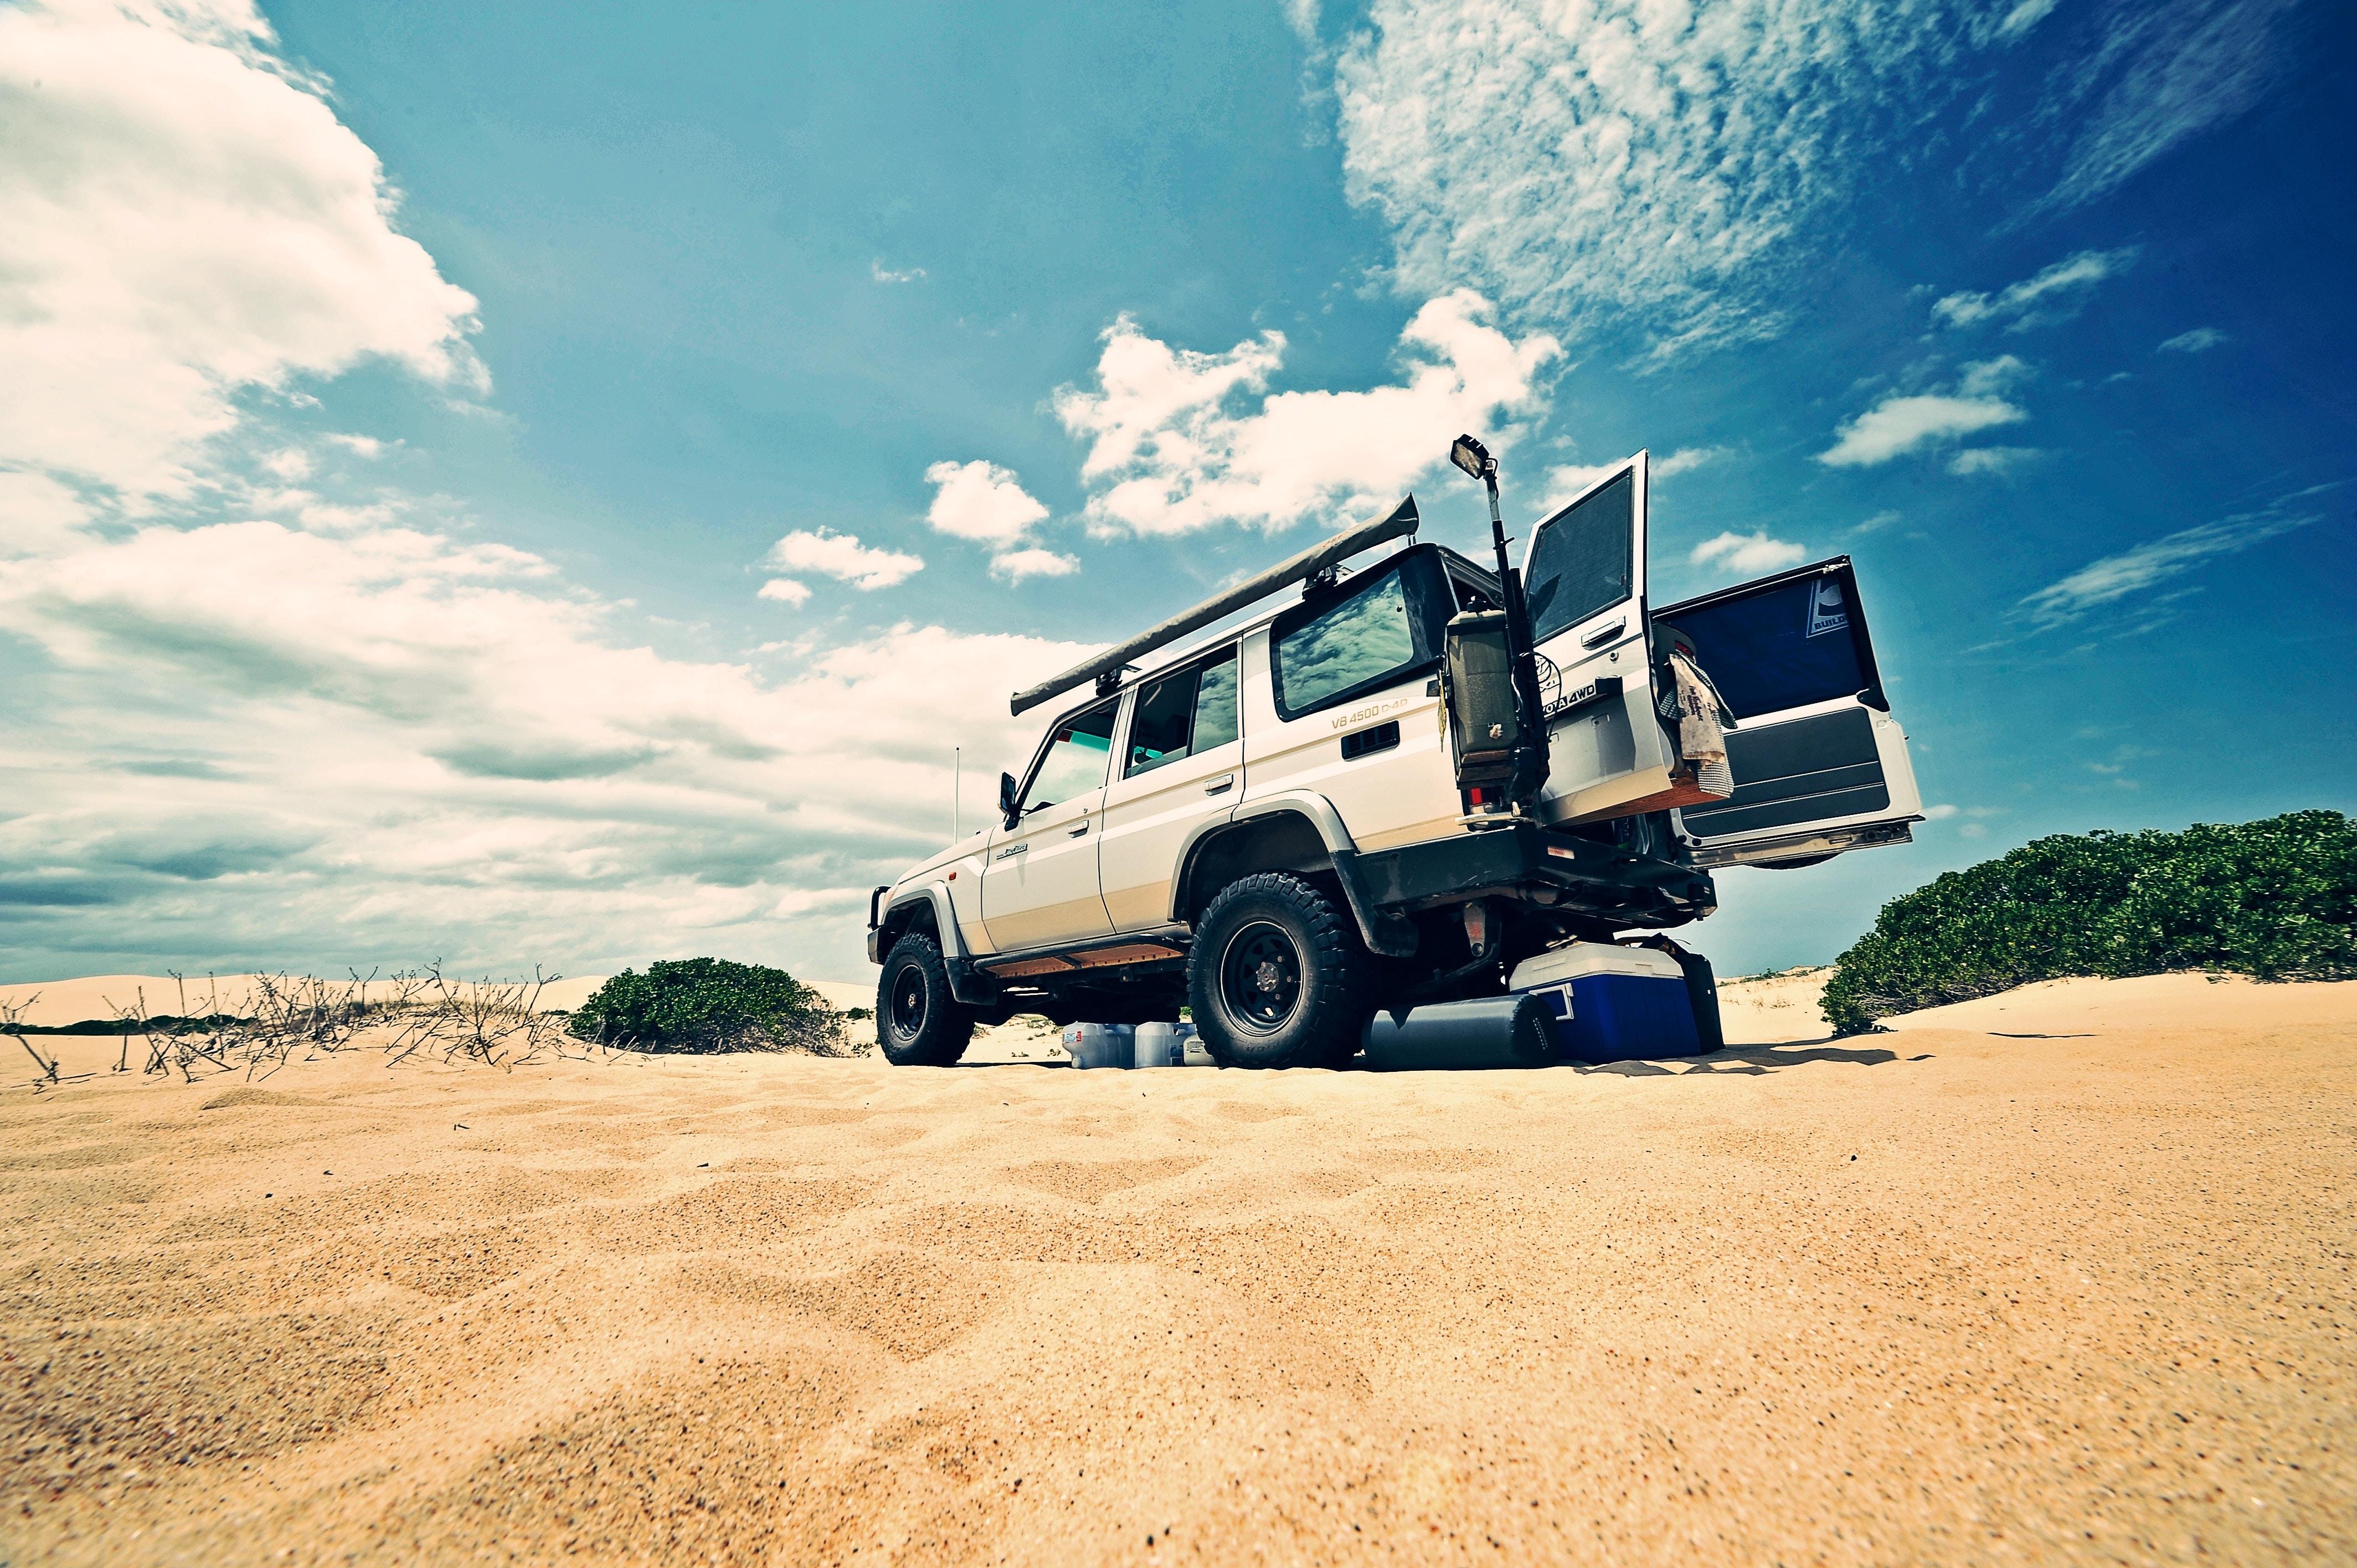 4WD(四輪駆動車)とは?|選ぶメリット